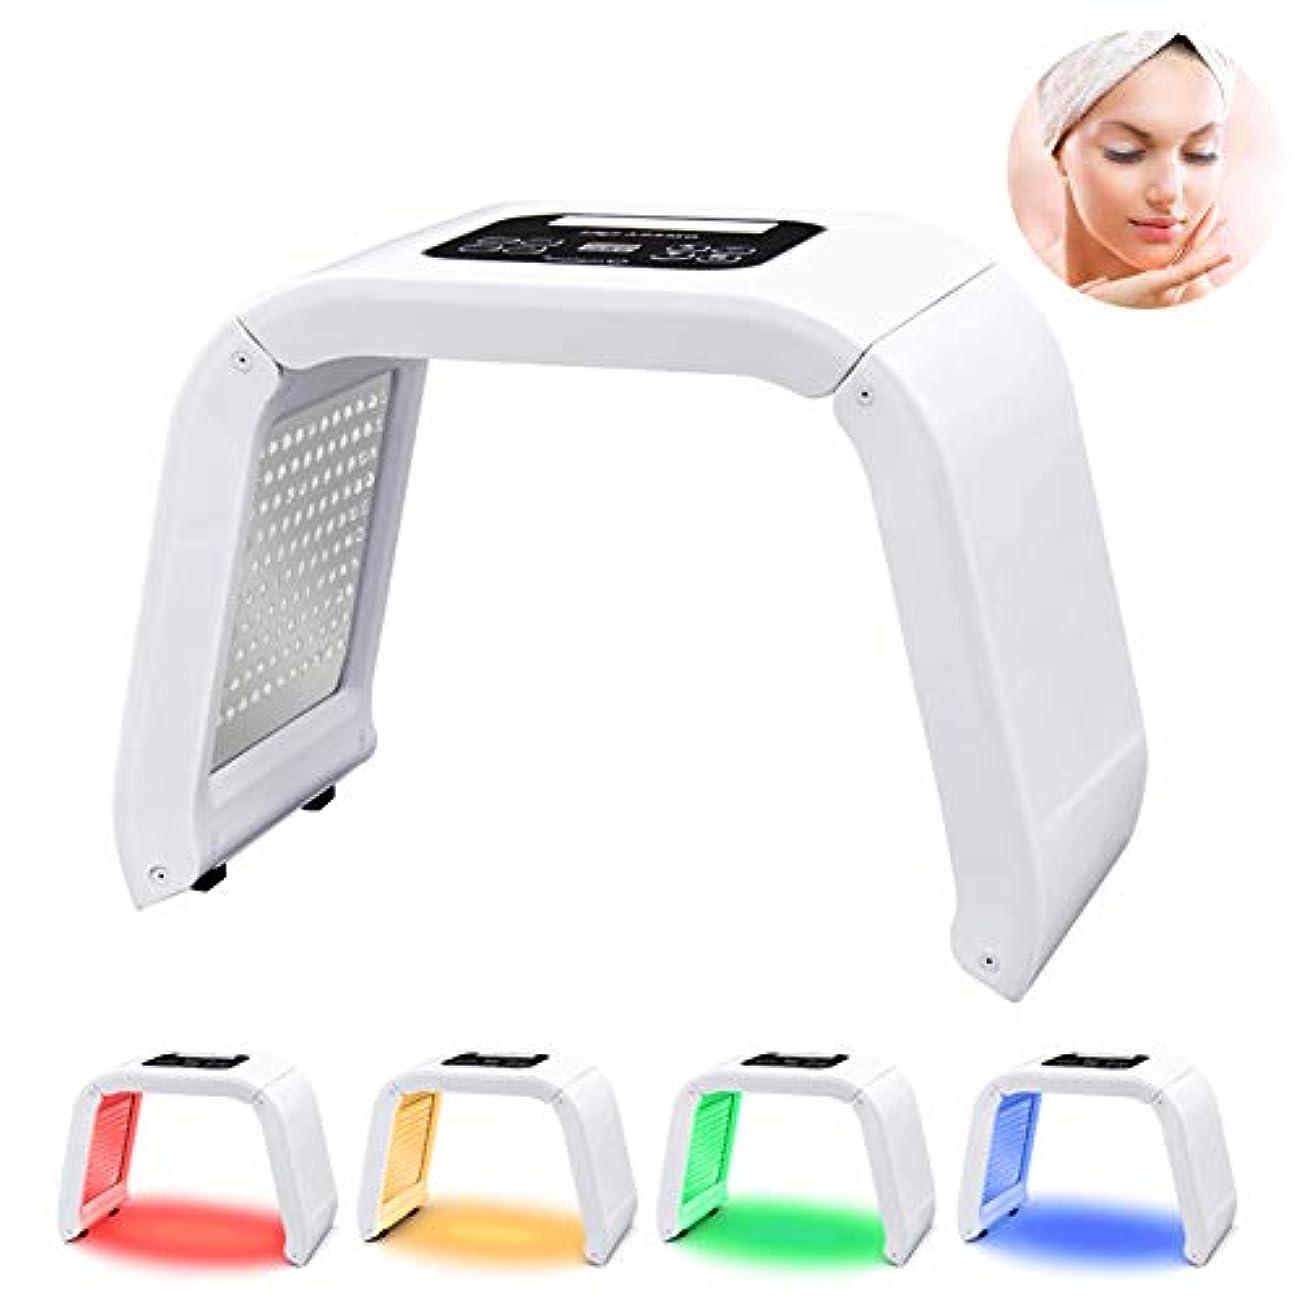 ヨーグルト遅らせる暴君PDT 4-In-1 LEDライト光線療法電気スキンケア美容装置家庭用多機能体の美容スキンケア分光器のマシン女性のための完璧なギフト